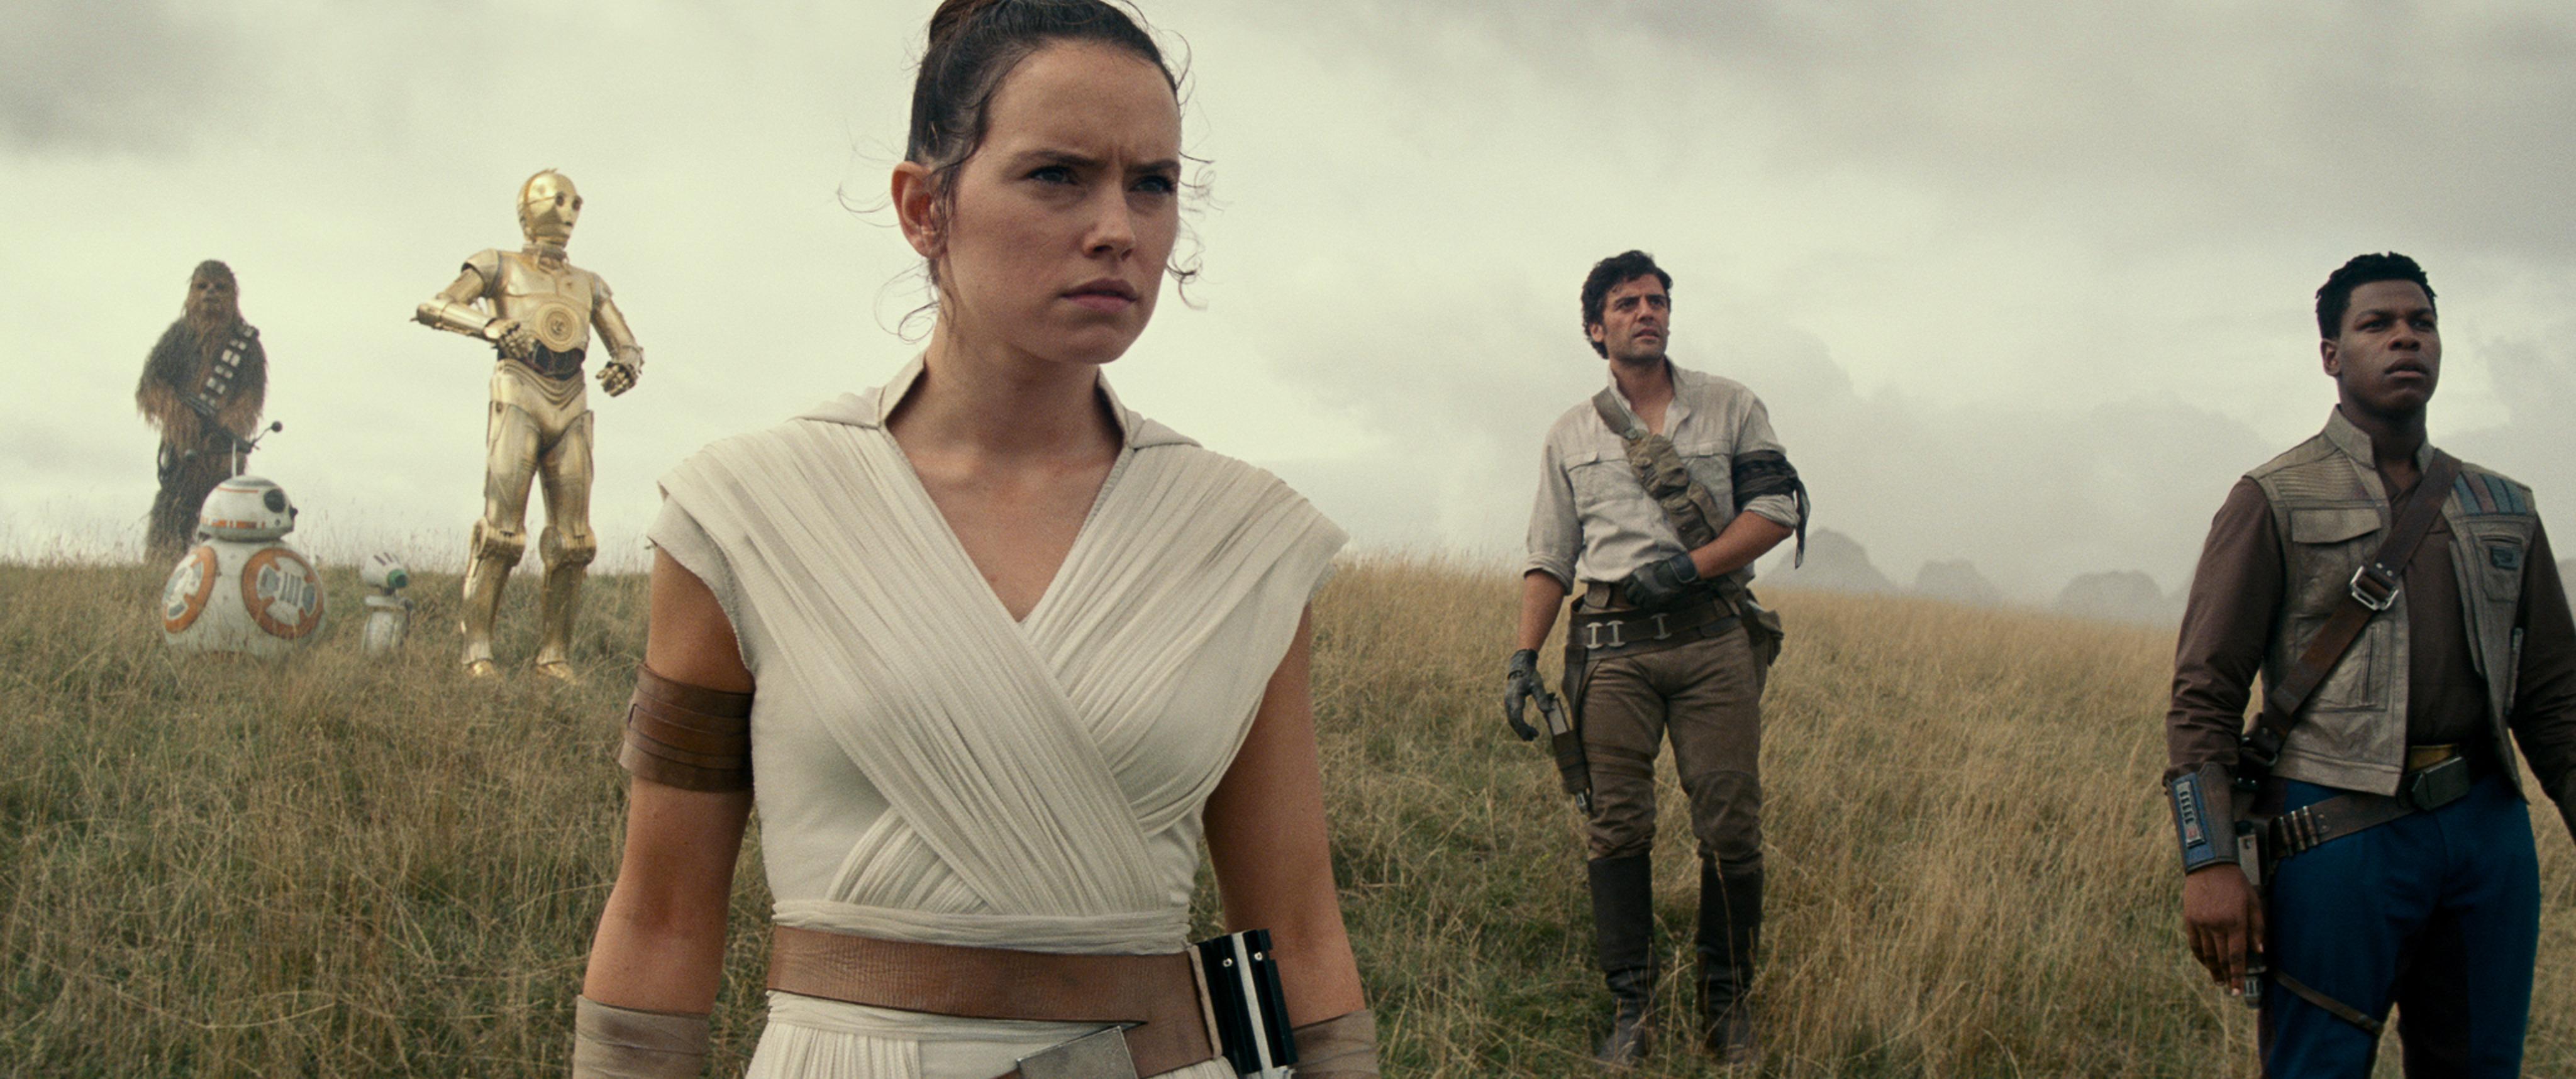 Gli eroi galattici di Star Wars: L'Ascesa di Skywalker: Chewbacca, BB-8, D-O, Rey, Poe Dameron e Finn